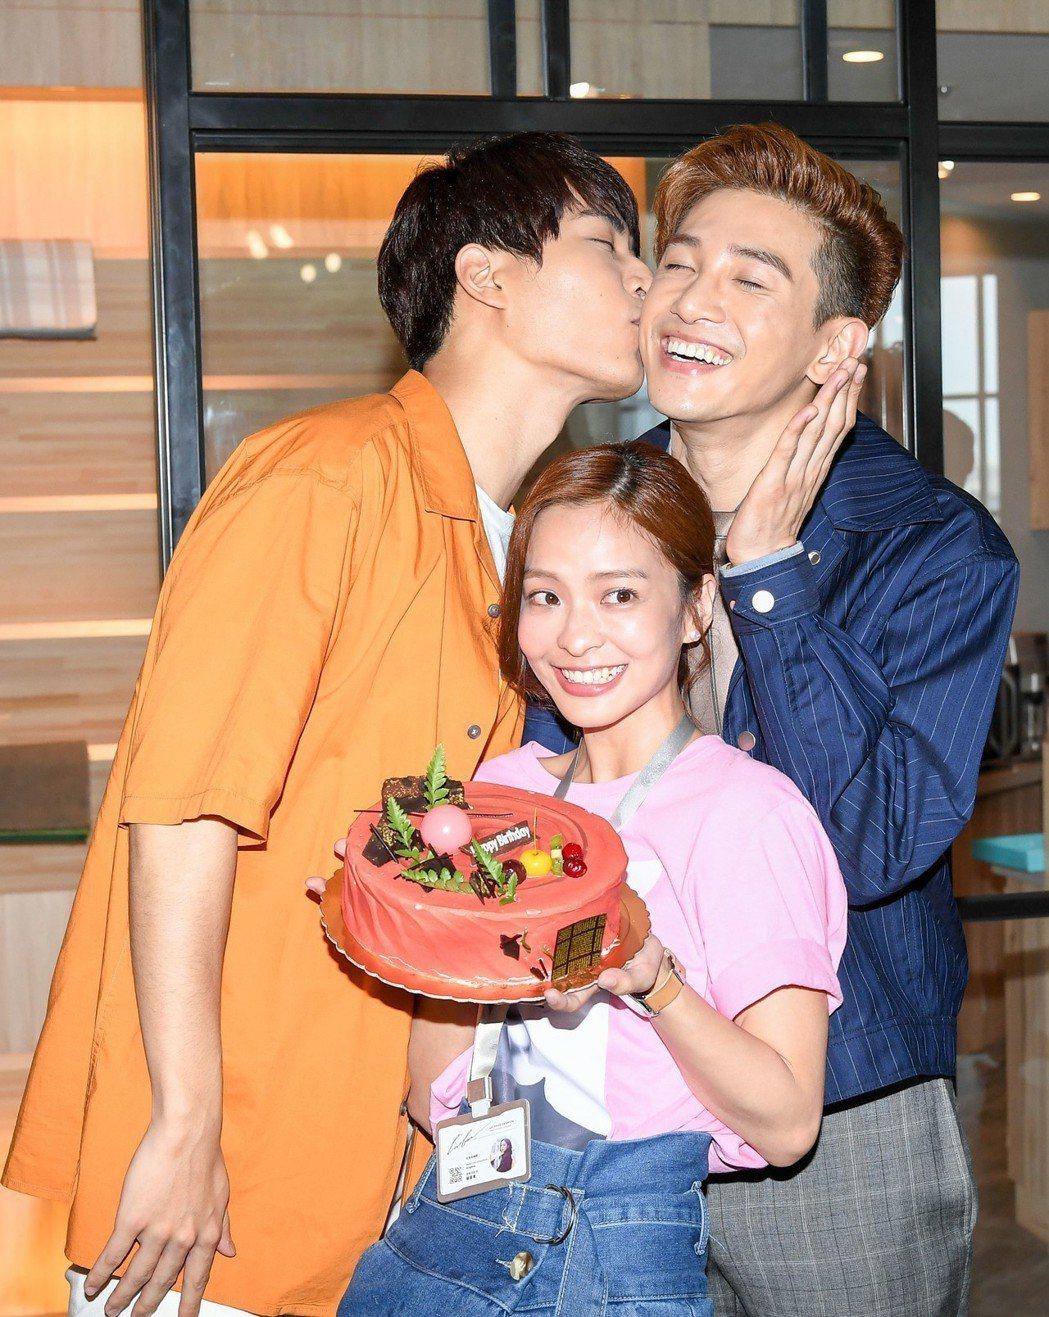 張立昂(右起)過生日,子閎獻吻、葉星辰開心端蛋糕。圖/三立提供